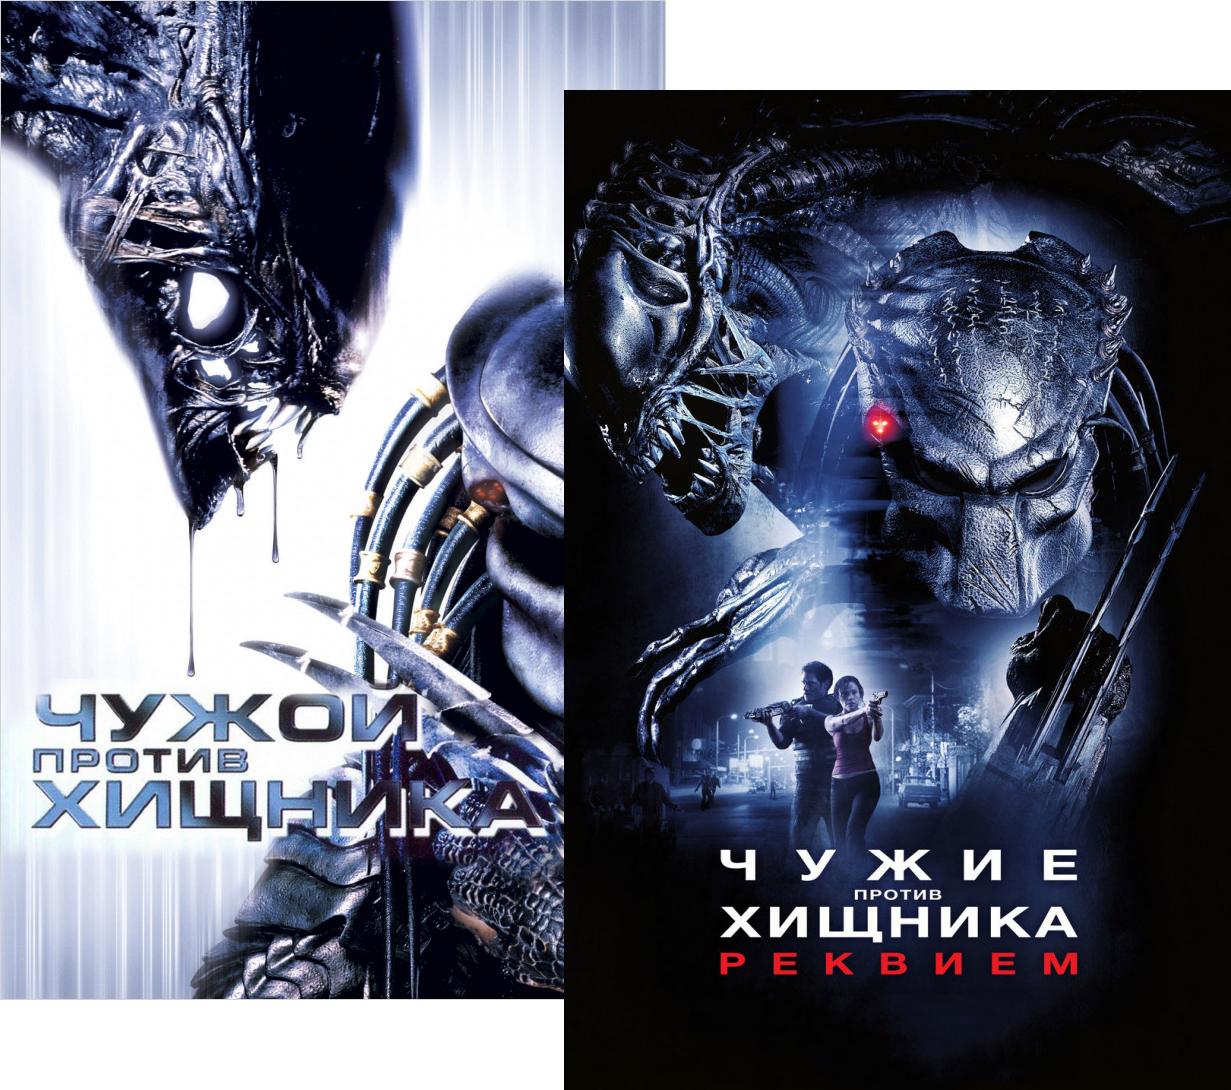 Чужой против Хищника / Чужие против Хищника: Реквием (2 DVD) фото